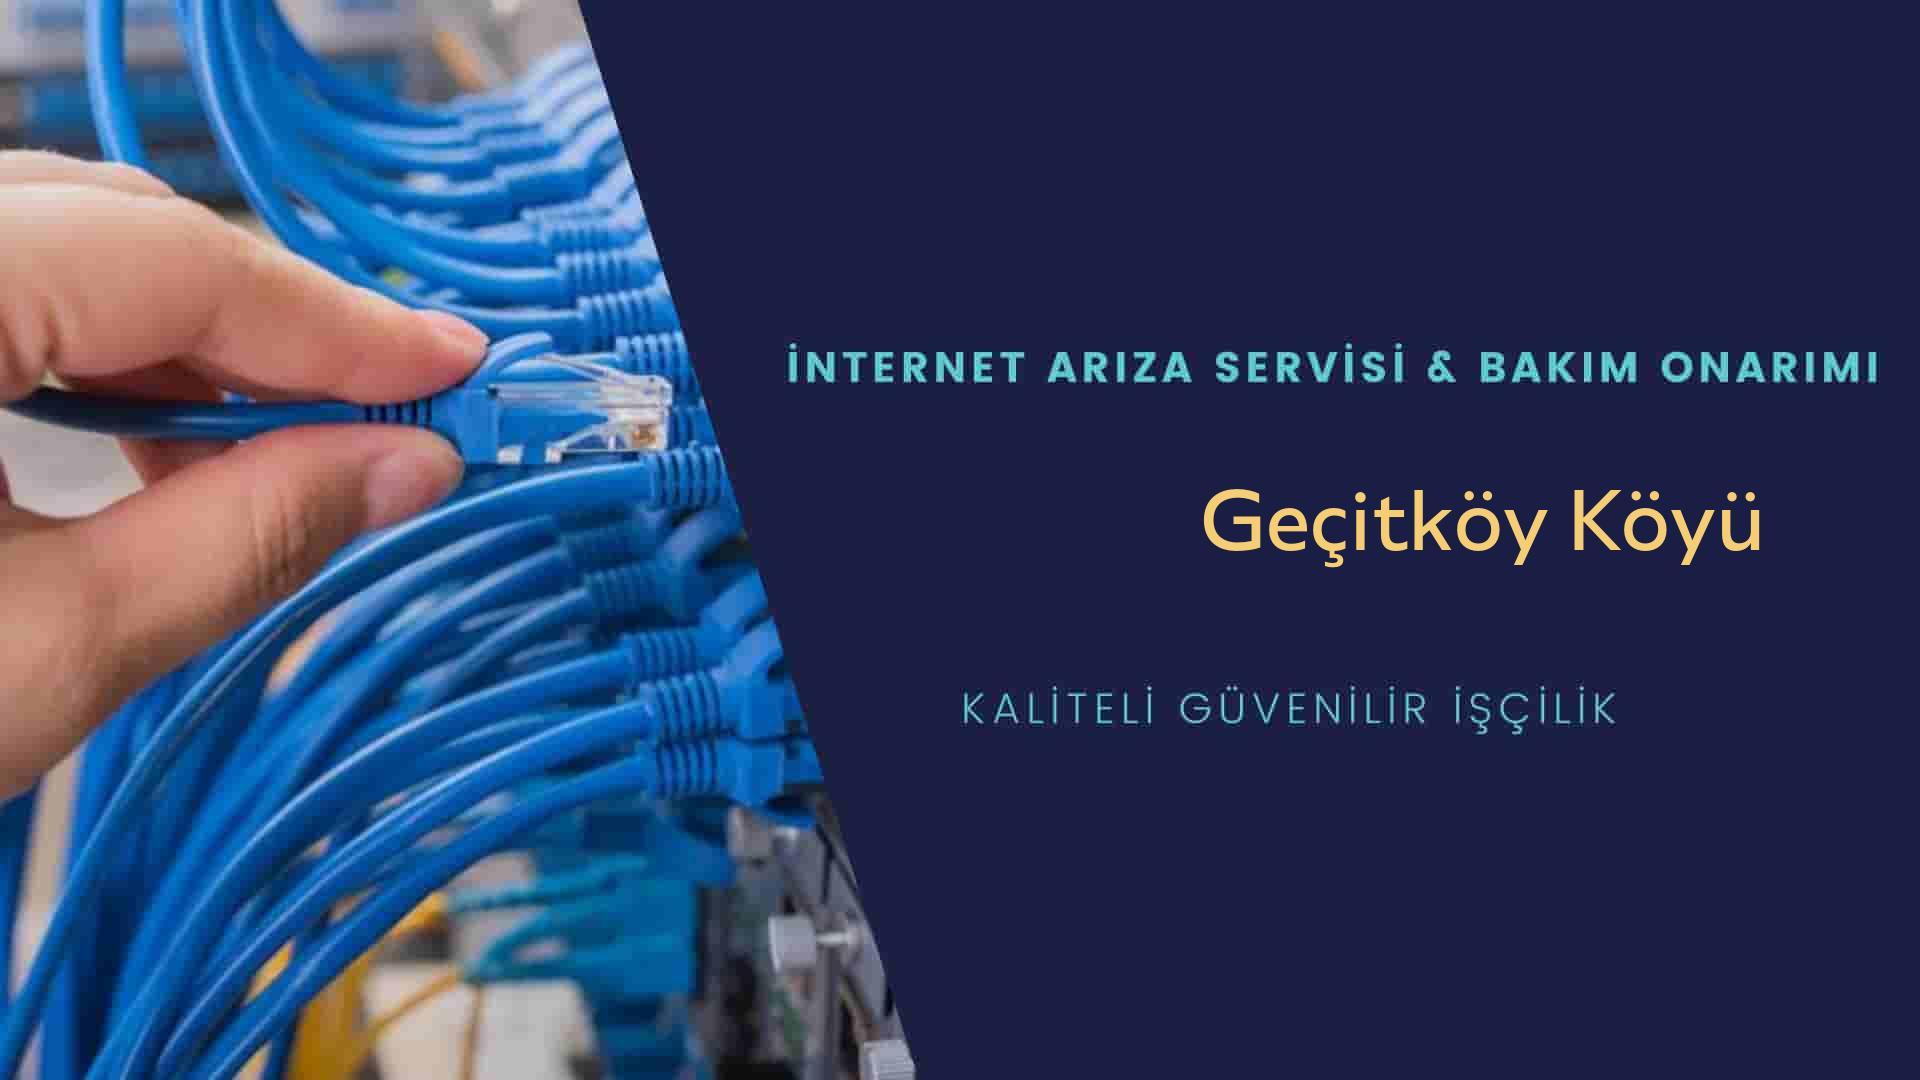 Geçitköy Köyü internet kablosu çekimi yapan yerler veya elektrikçiler mi? arıyorsunuz doğru yerdesiniz o zaman sizlere 7/24 yardımcı olacak profesyonel ustalarımız bir telefon kadar yakındır size.